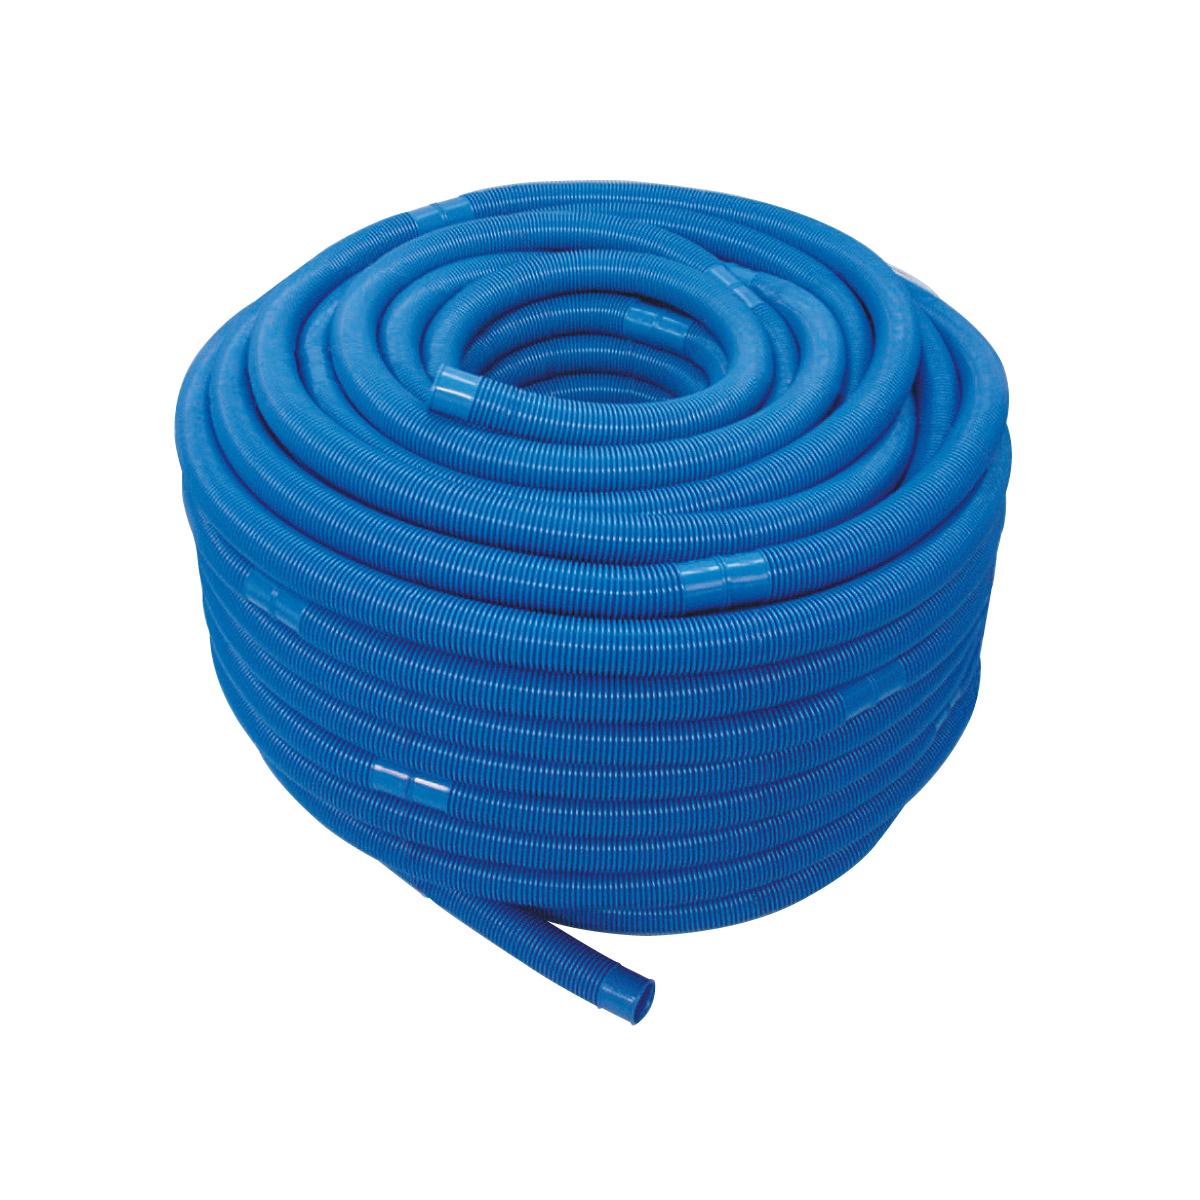 Schwimmbadschlauch ECO Muffenabstand 1,5 m d38 PE weiss l=100 m einzeln verpackt Schwimmbadschlauch ECO Muffenabstand 1,5 m d38 PE weiss l=100 m einzeln verpackt